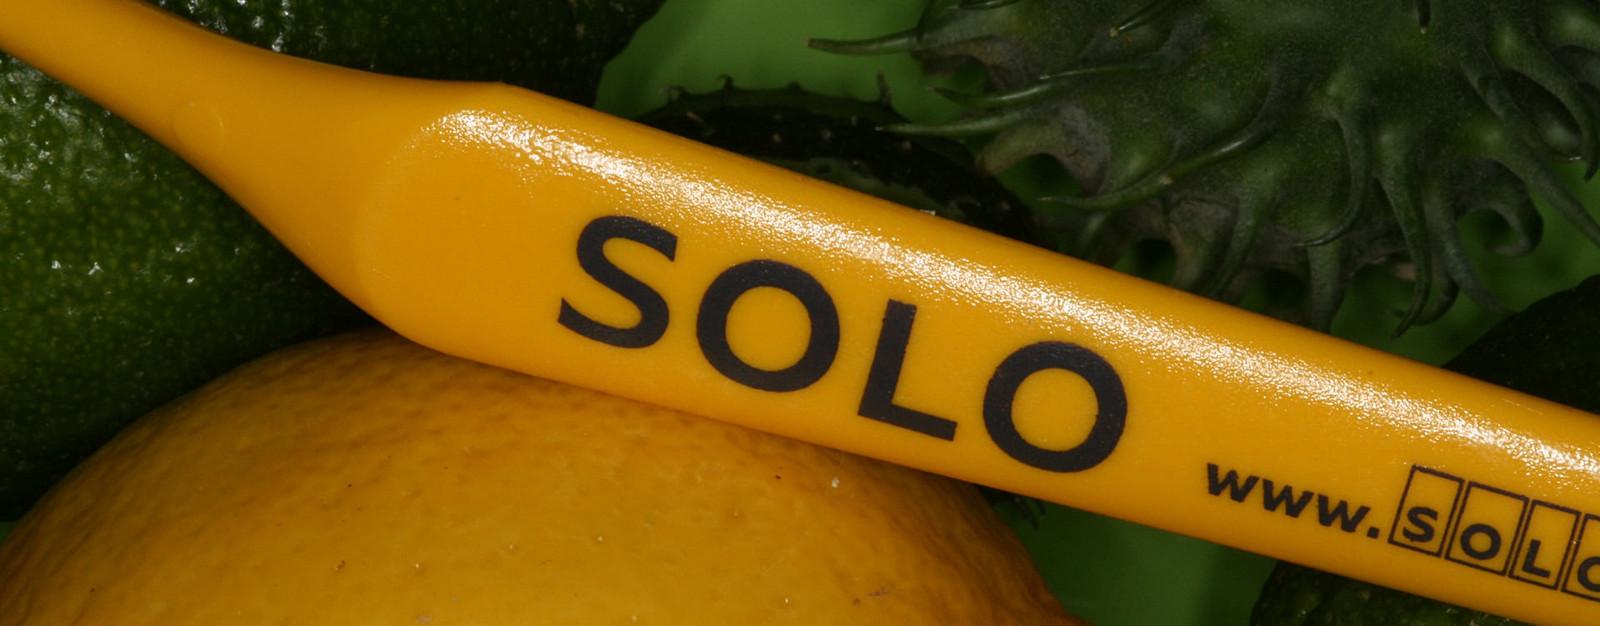 SOLO-Prophylaxe - Professionelle Zahnreinigung im ZiZ Göttingen